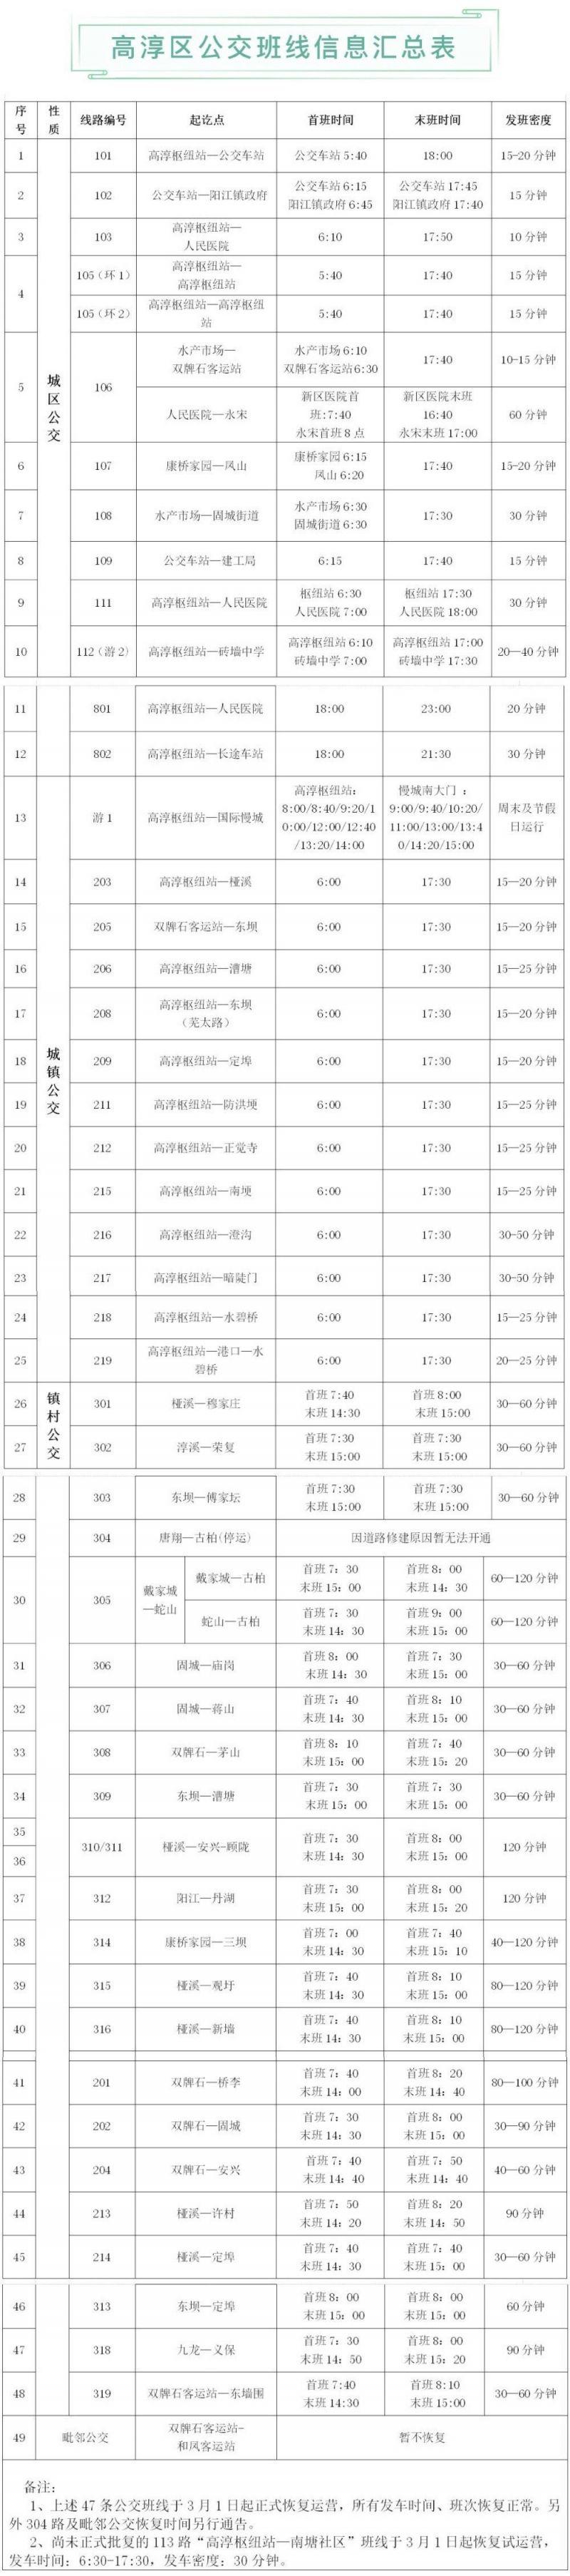 南京公交调整最新消息(持续更新)